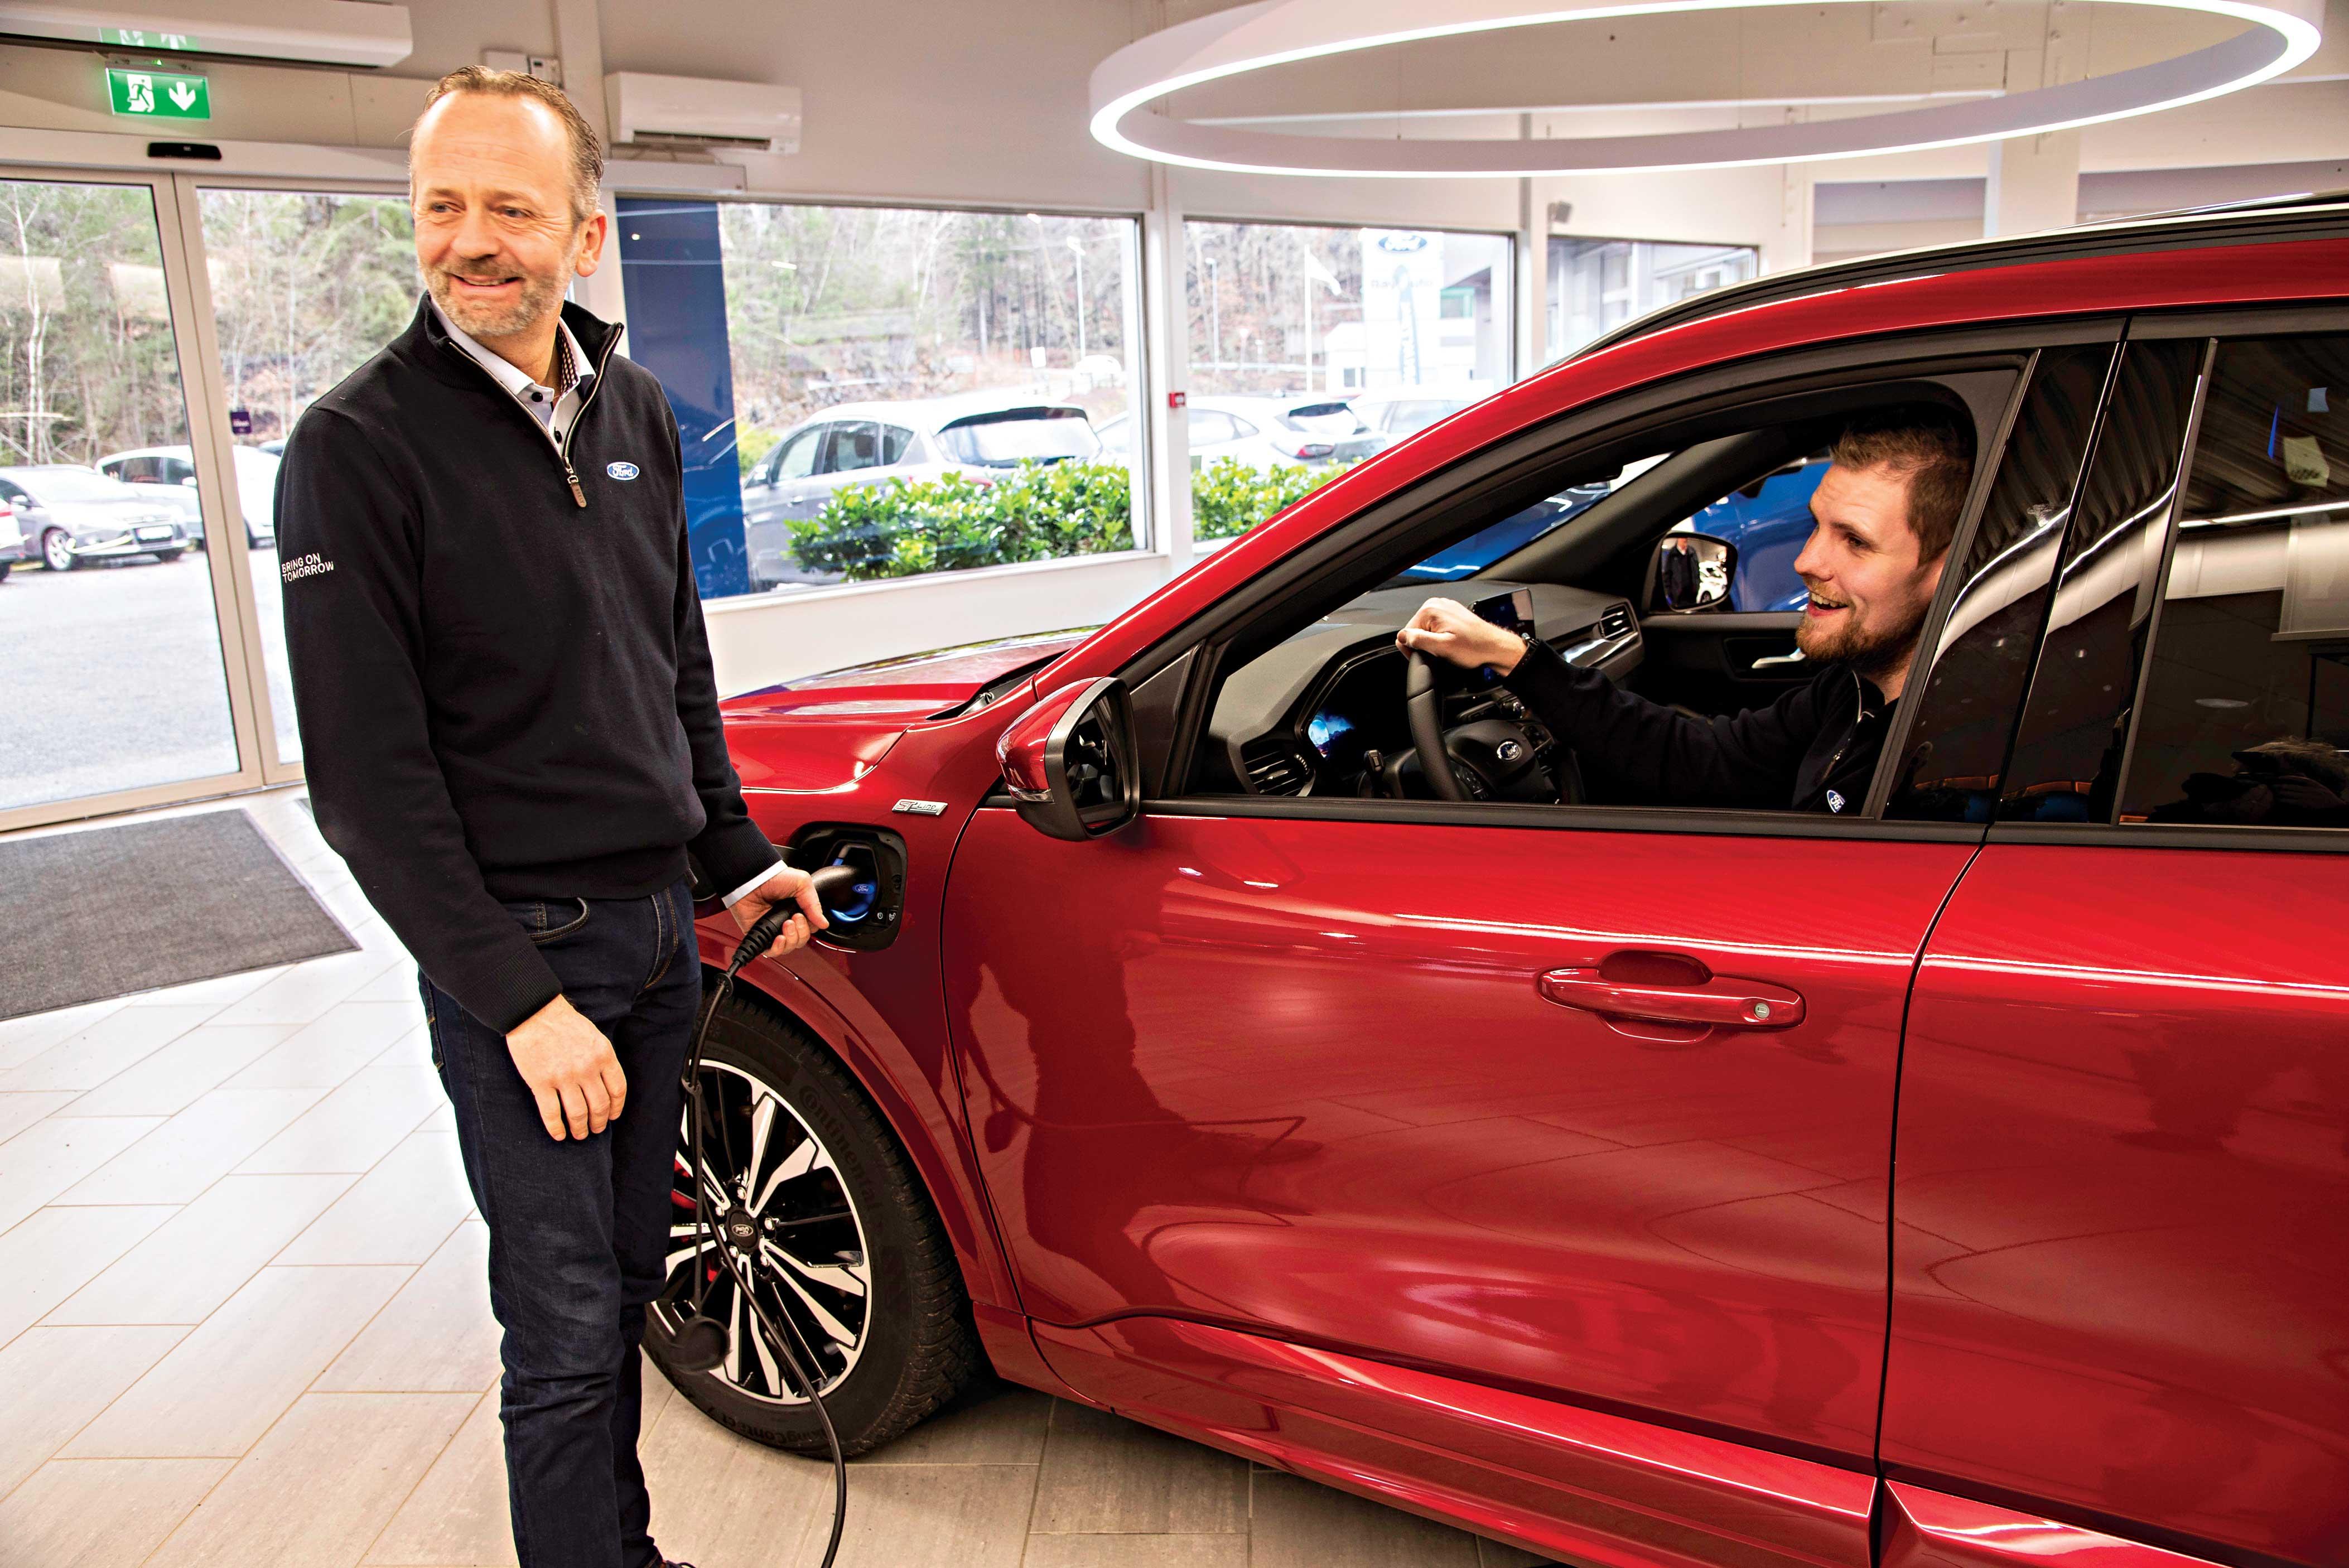 Prøvekjørt: Ford Kuga – Avgiftsvinner På Snarvisitt